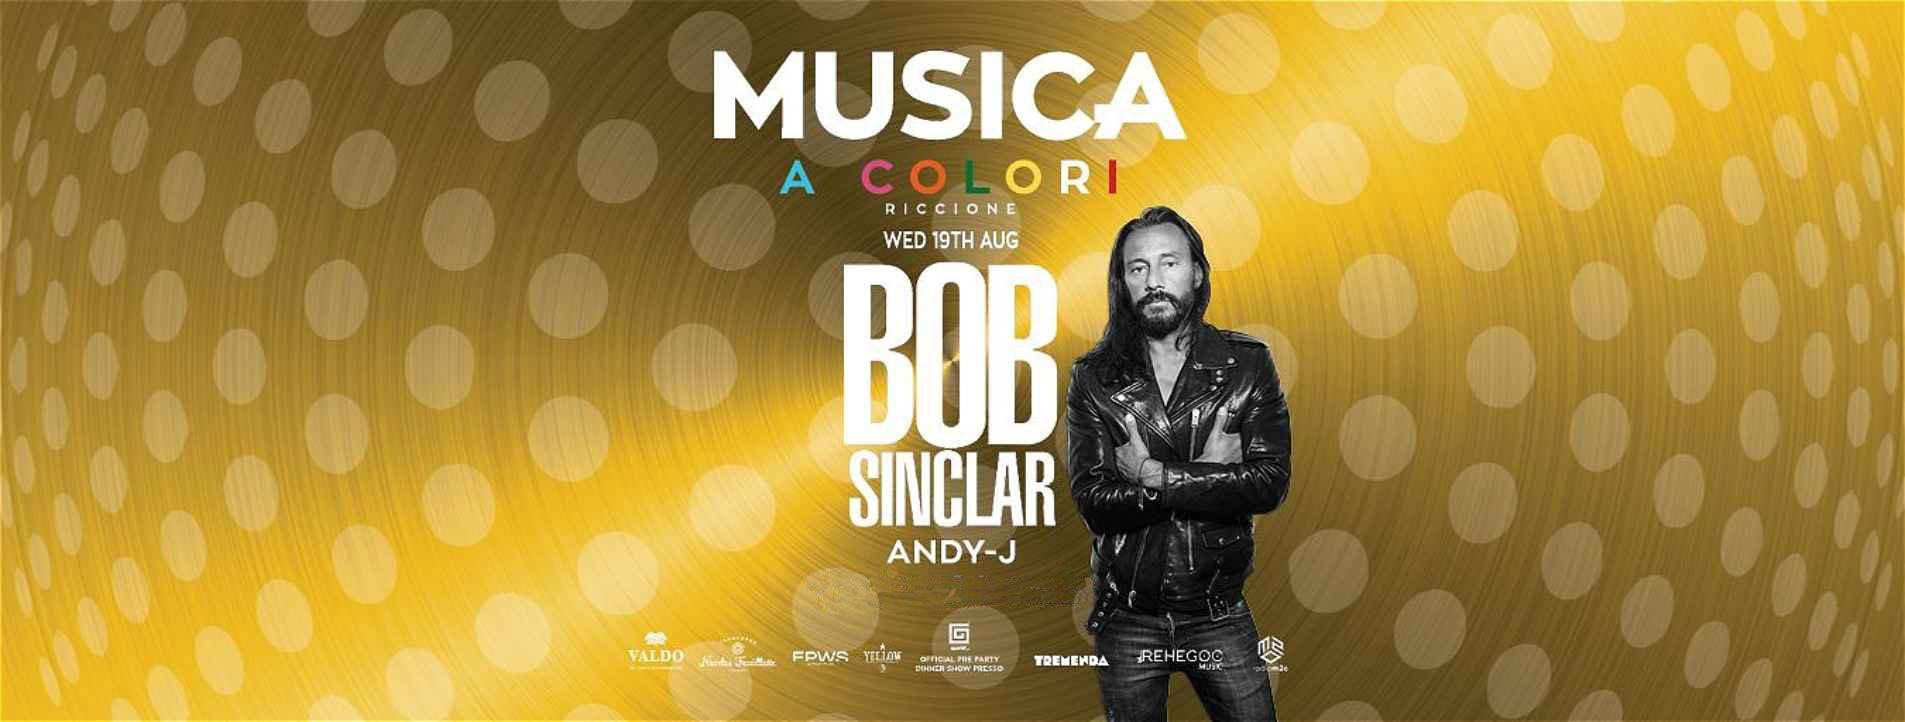 Bob Sinclar Musica Riccione – Mercoledì 19 08 2020